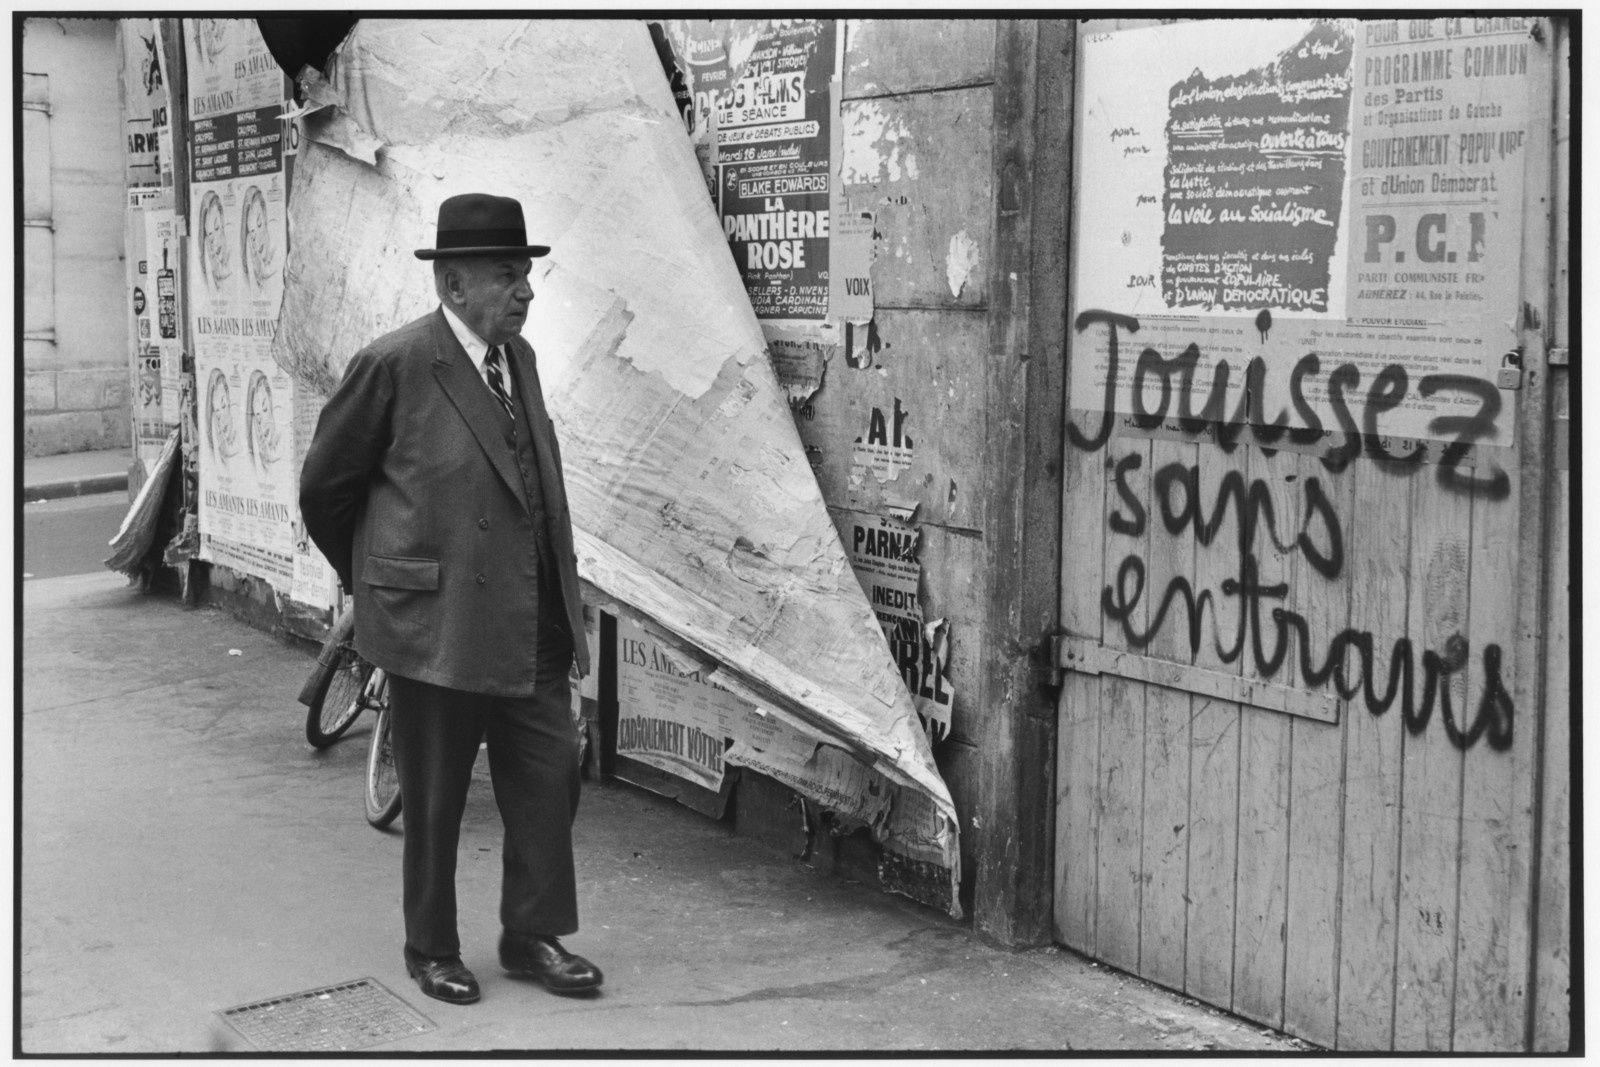 Rue de Vaugirard, 1968